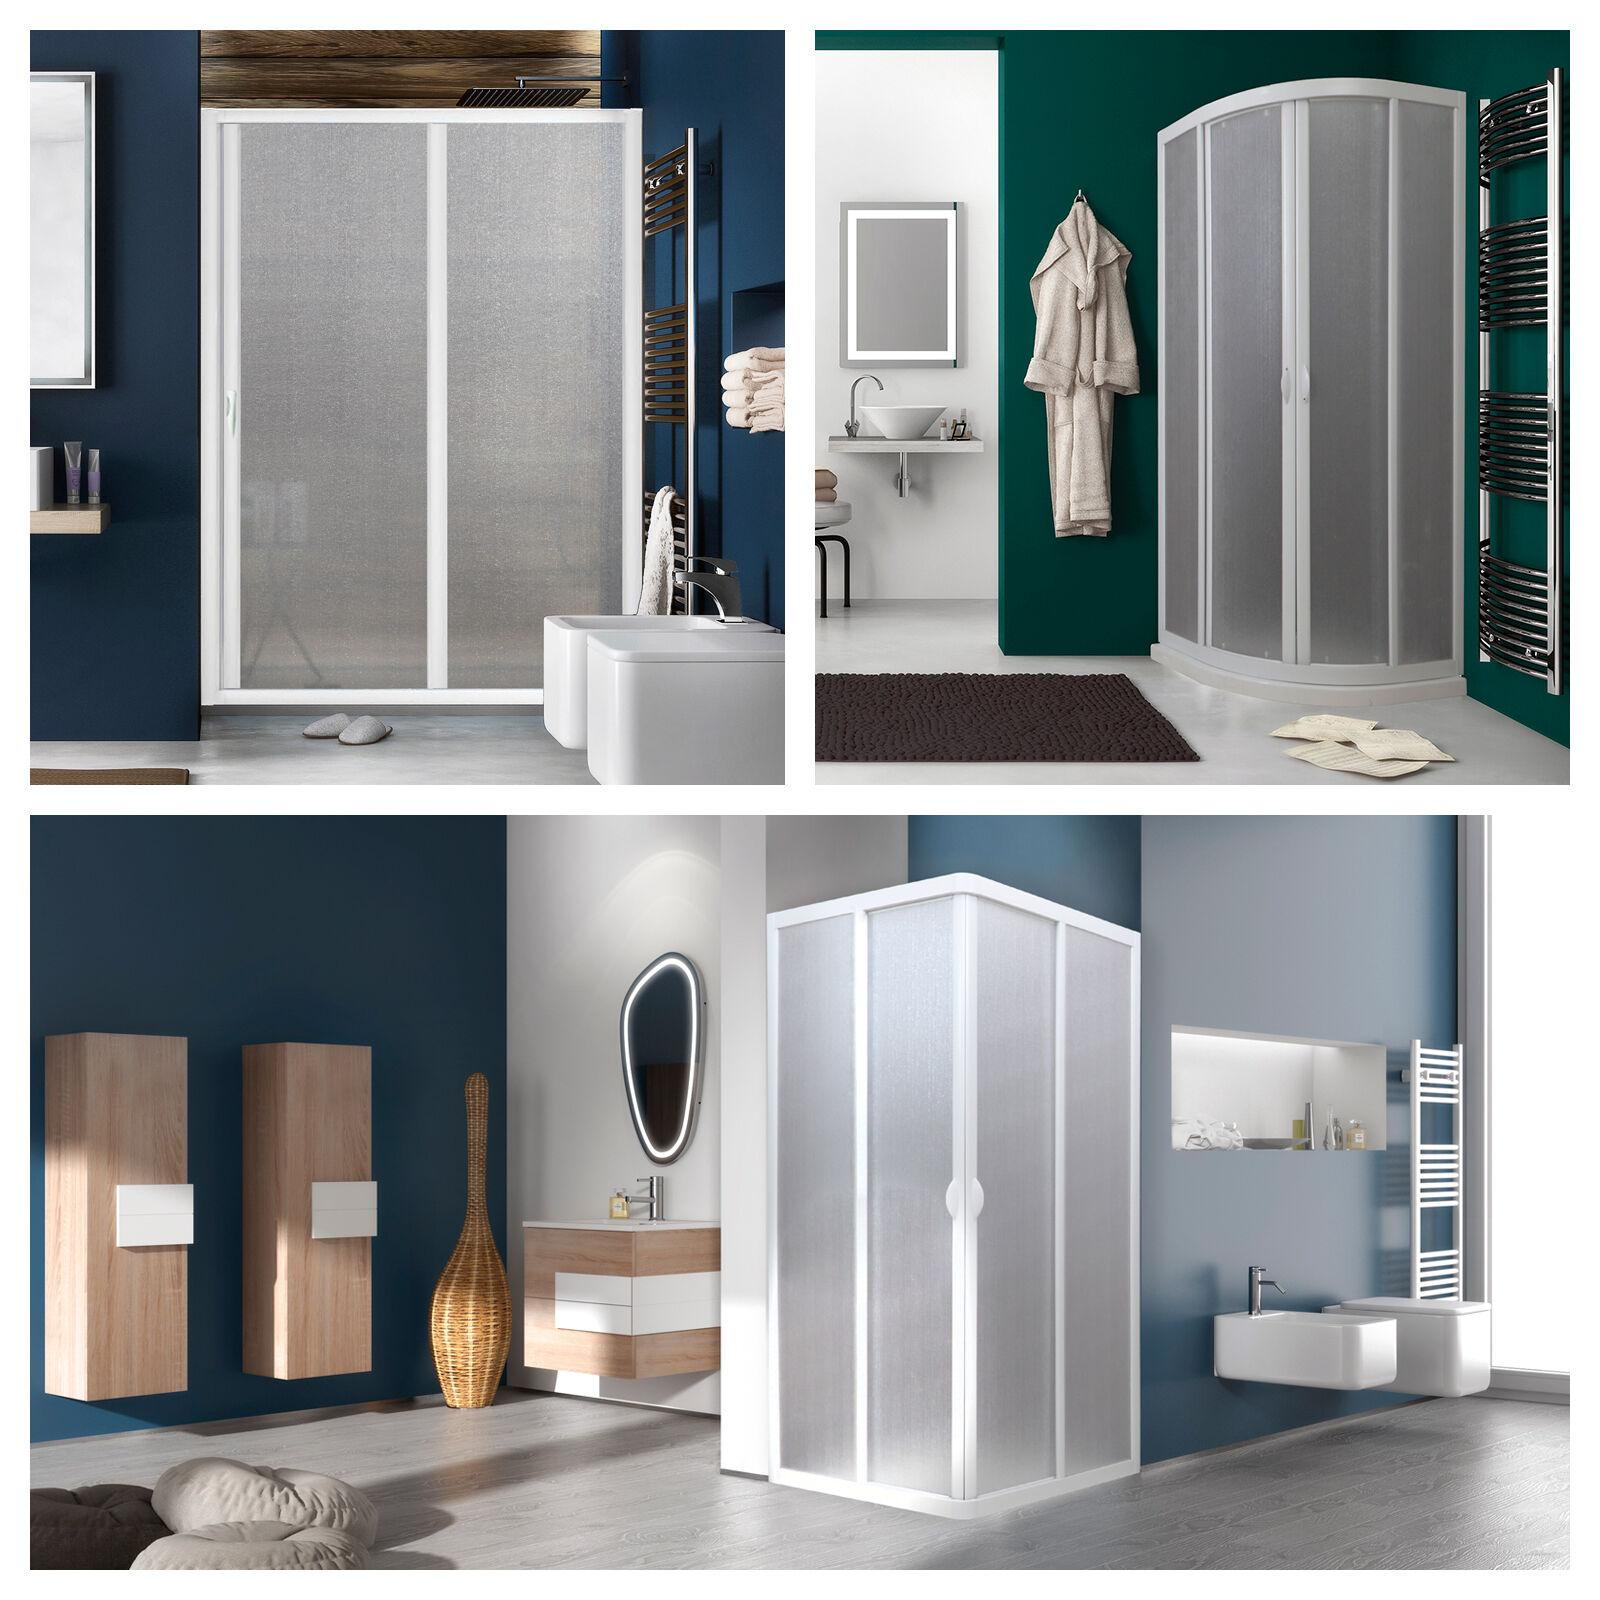 Box doccia acrilico pannelli plexiglass effetto piumato opaco misura regolabile